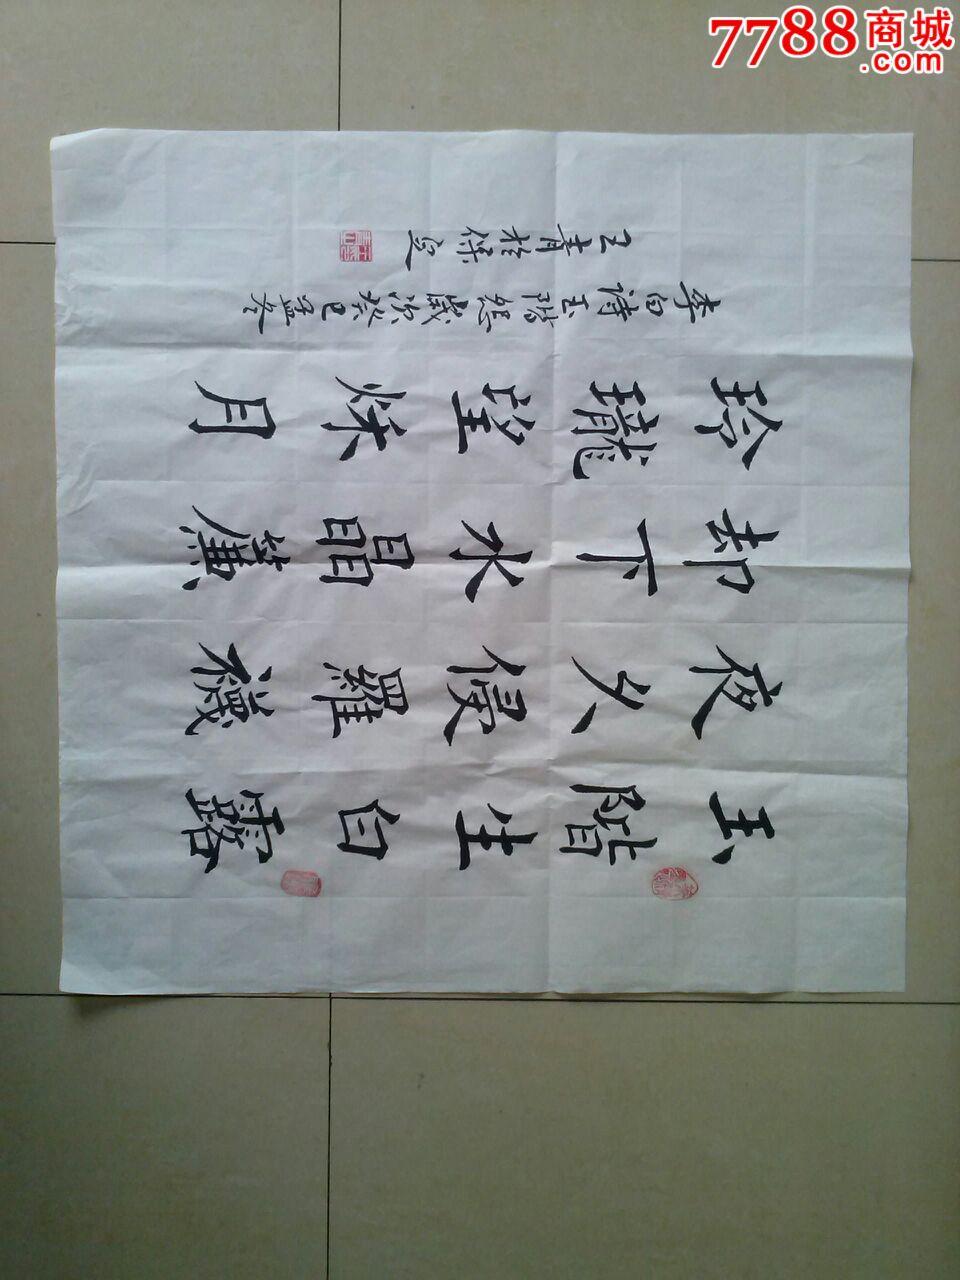 欧体楷书李白诗句-se23592800-书法原作-零售-7788图片